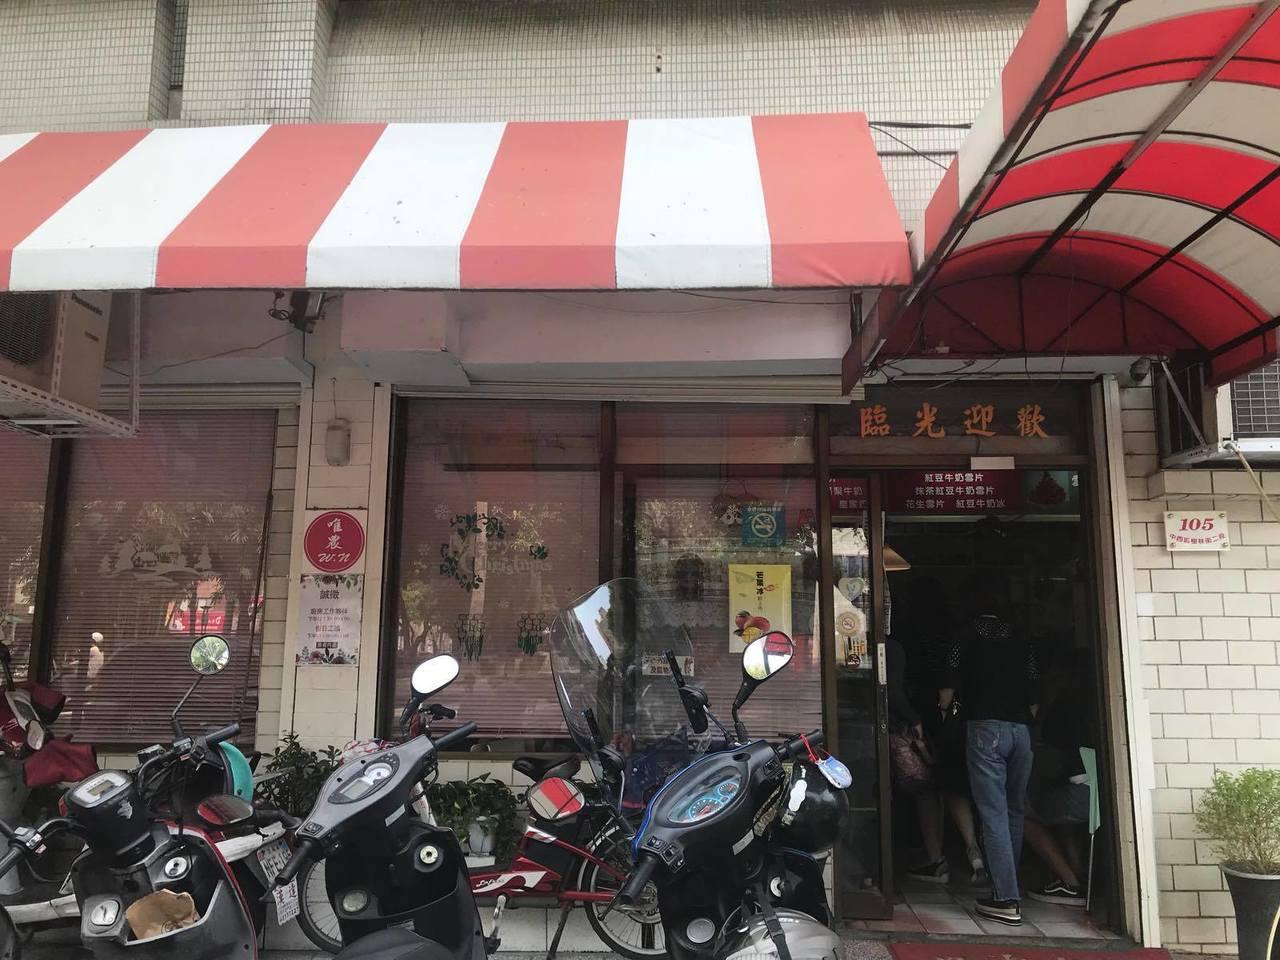 「小豆豆餐飲屋 」改名了,新店名「唯農」取代原先招牌。記者綦守鈺/攝影